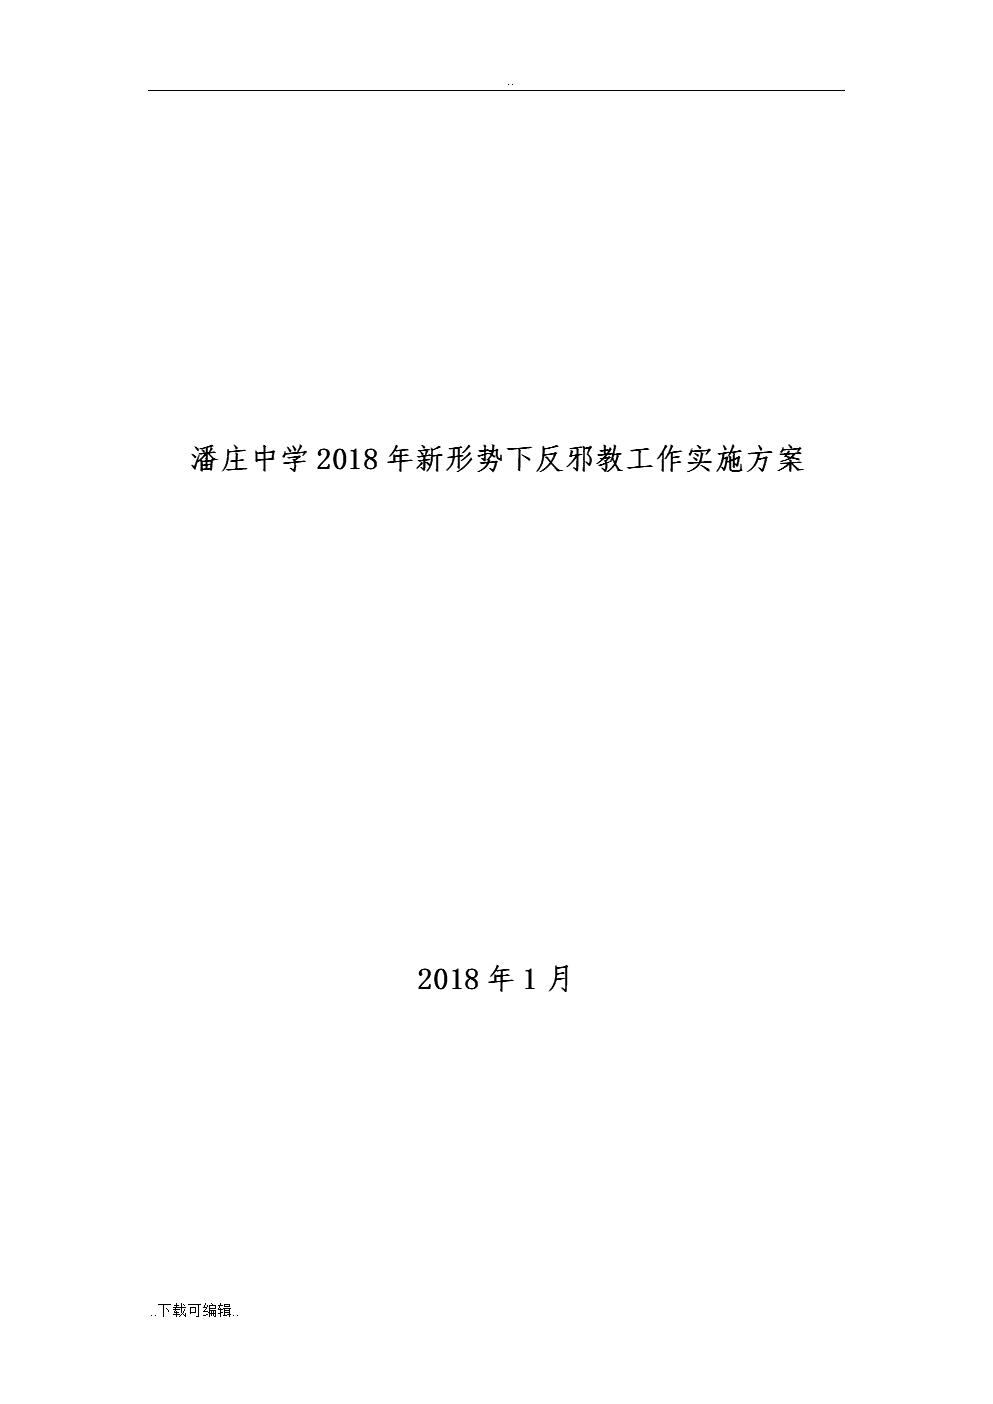 潘庄中学反邪教工作实施计划方案.doc